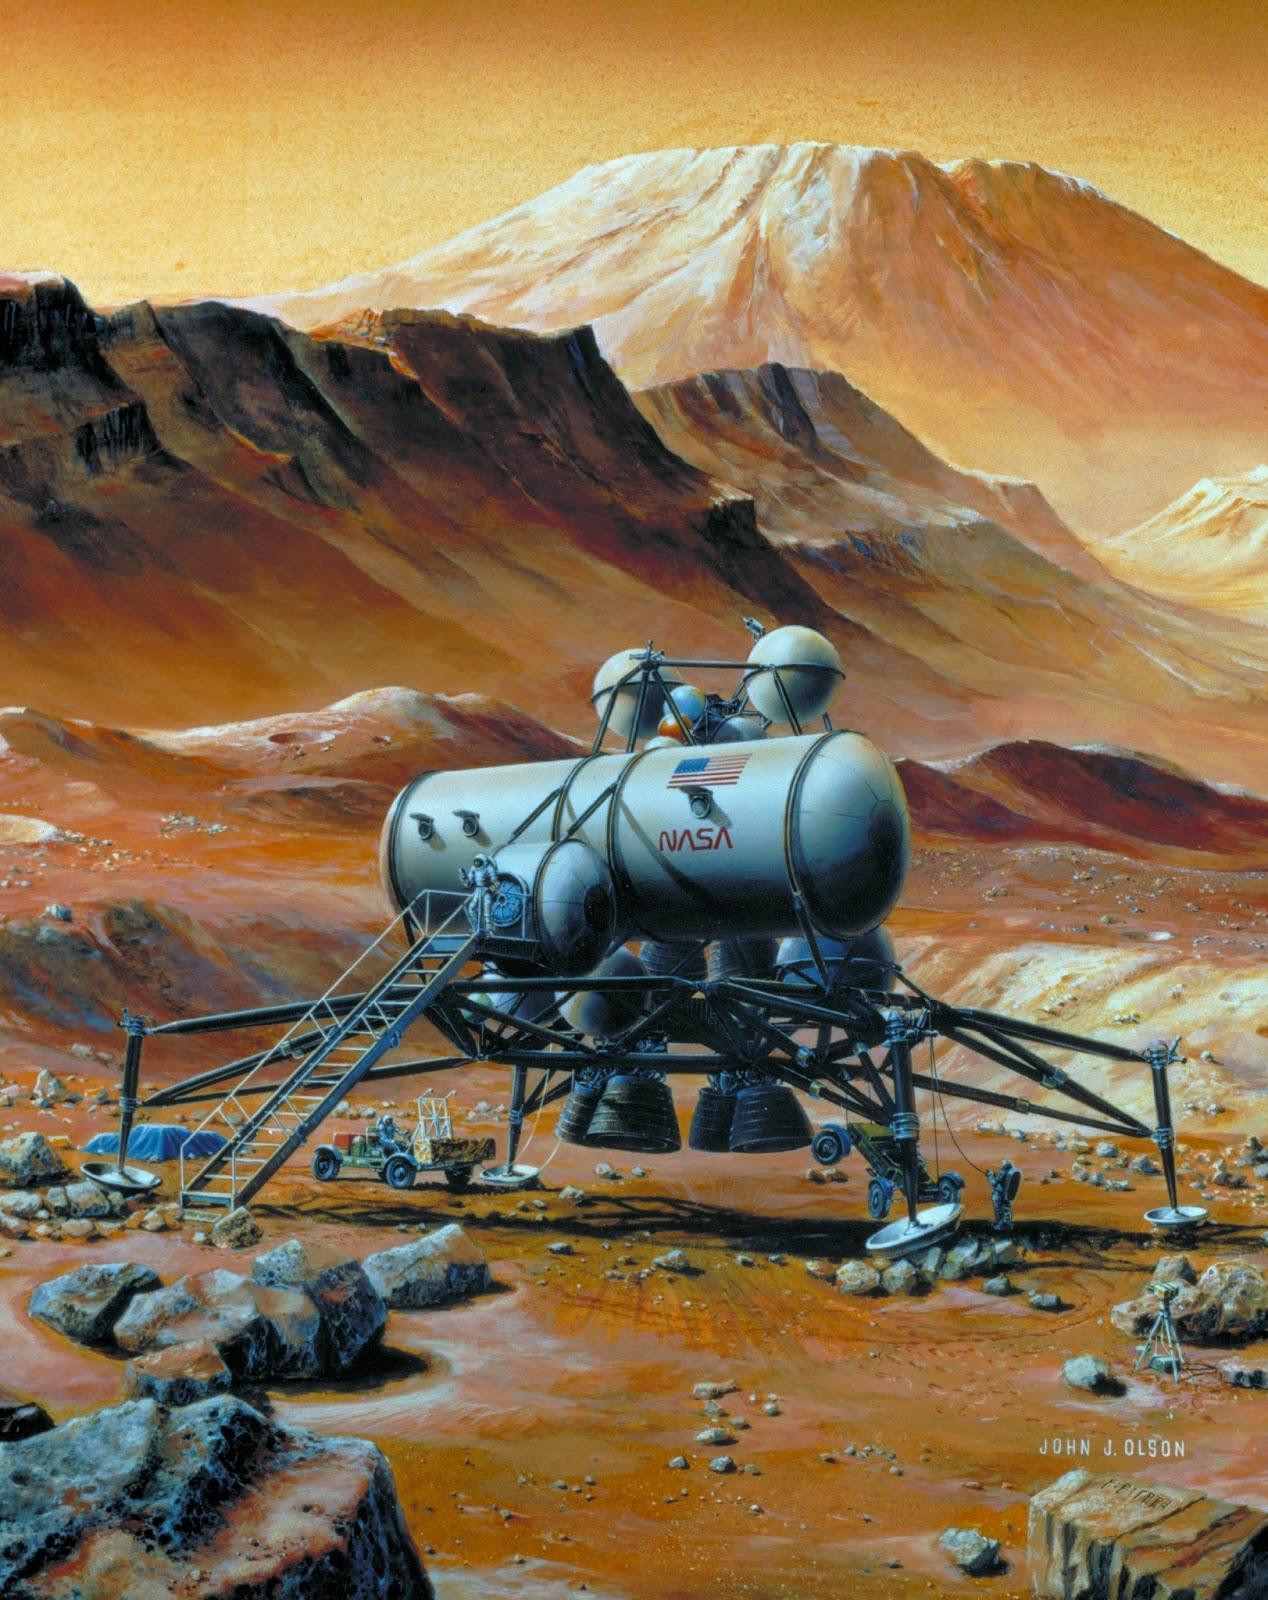 Mars base by John J. Olson